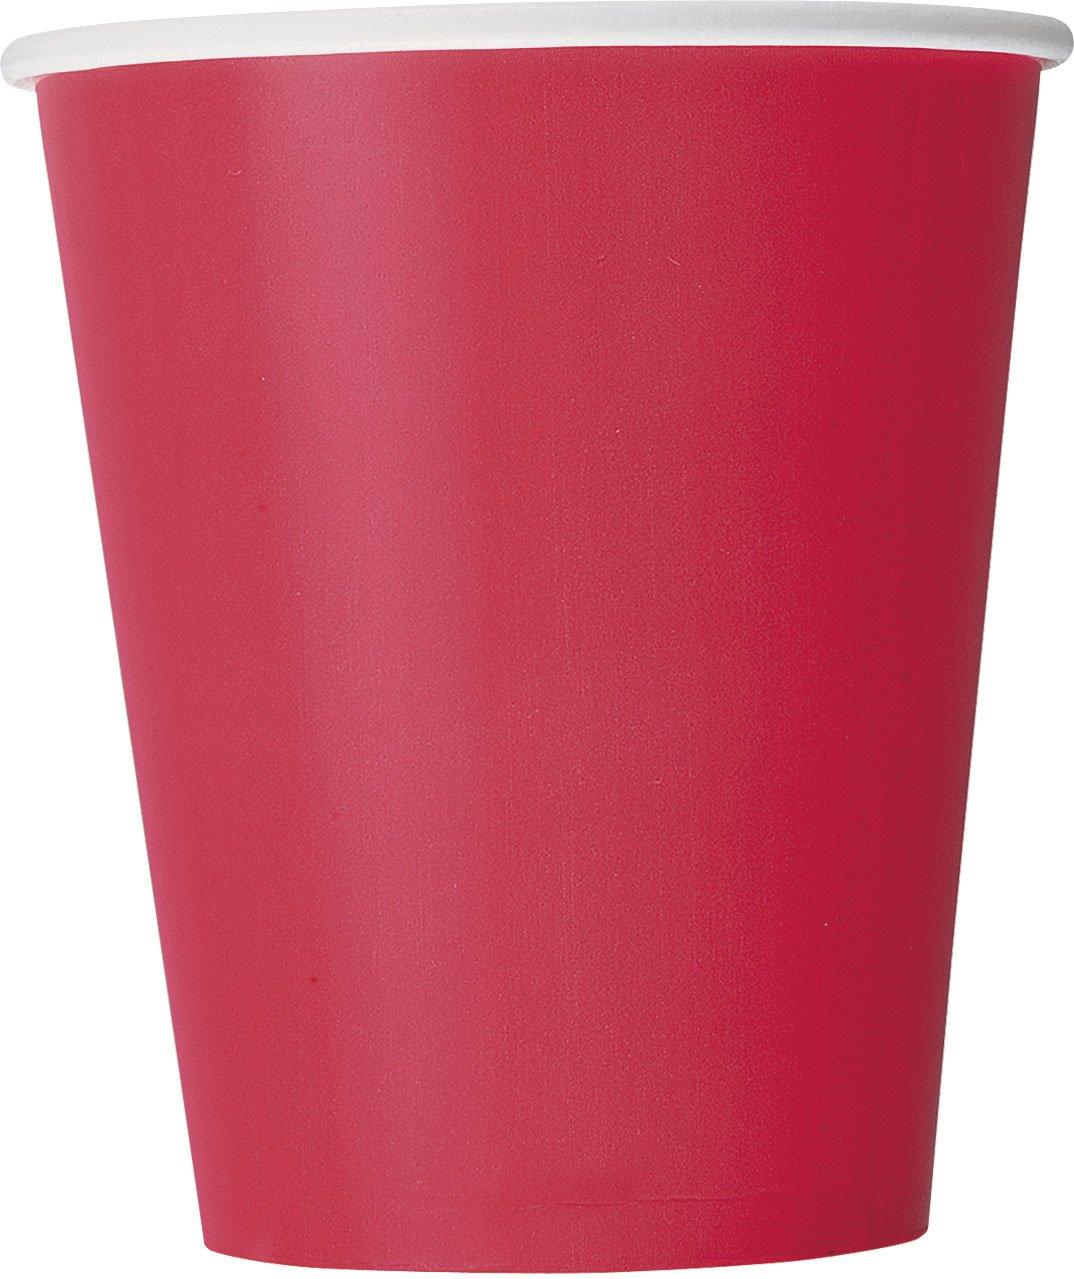 Unique Party - 50026 - Nappe Ronde en Plastique - 2,13 m - Orange